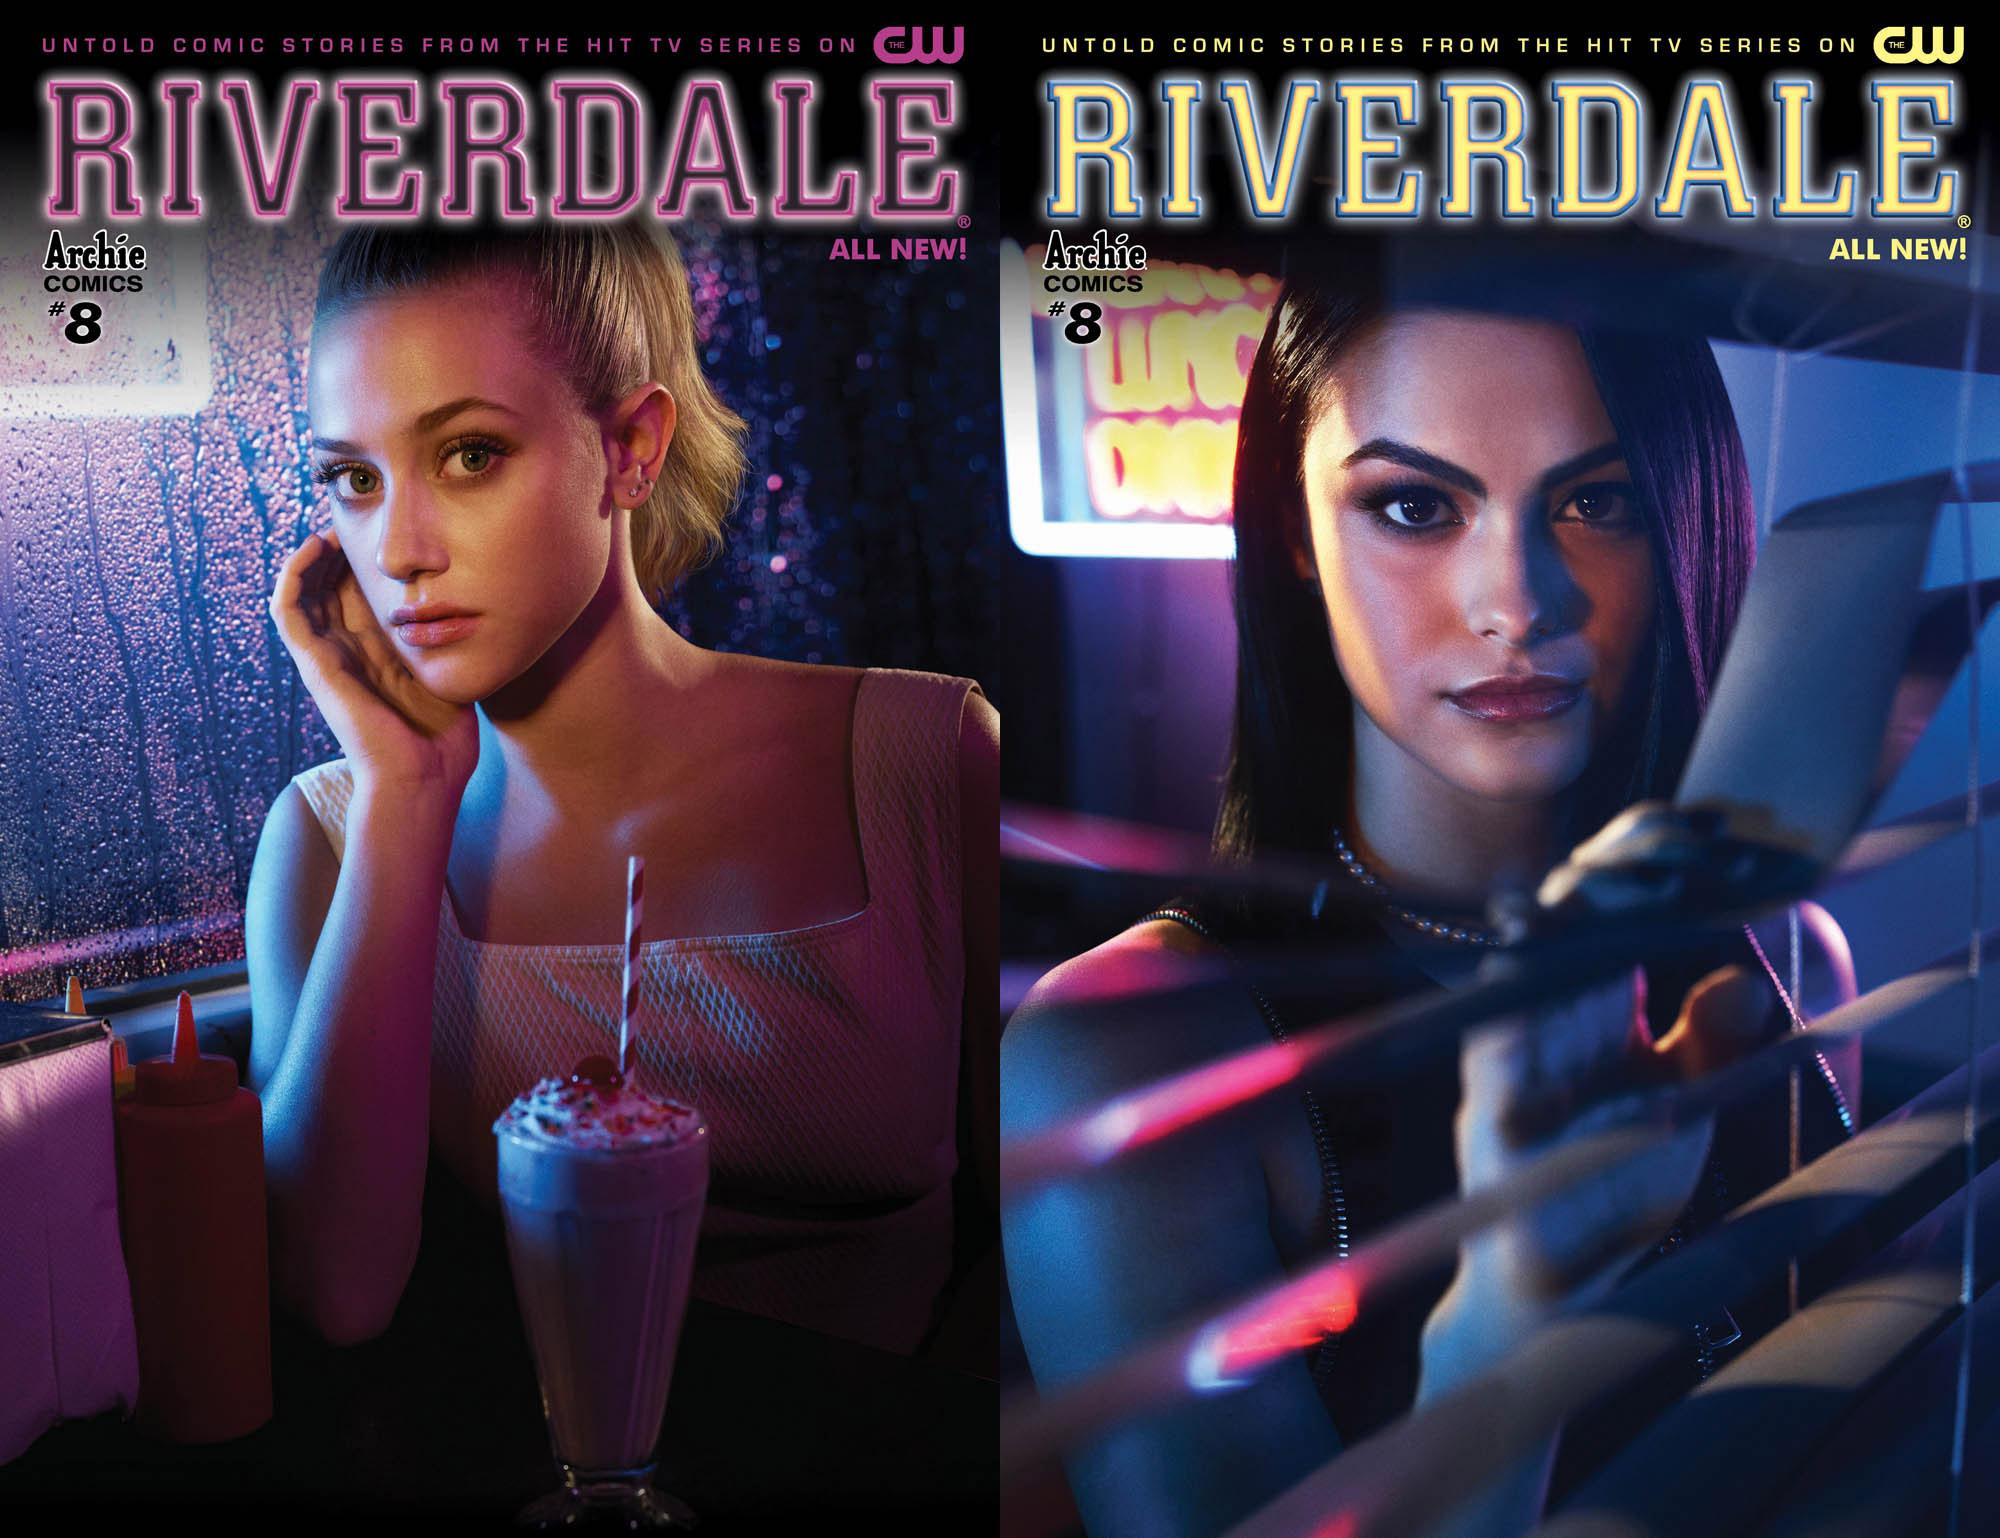 riverdale - photo #16